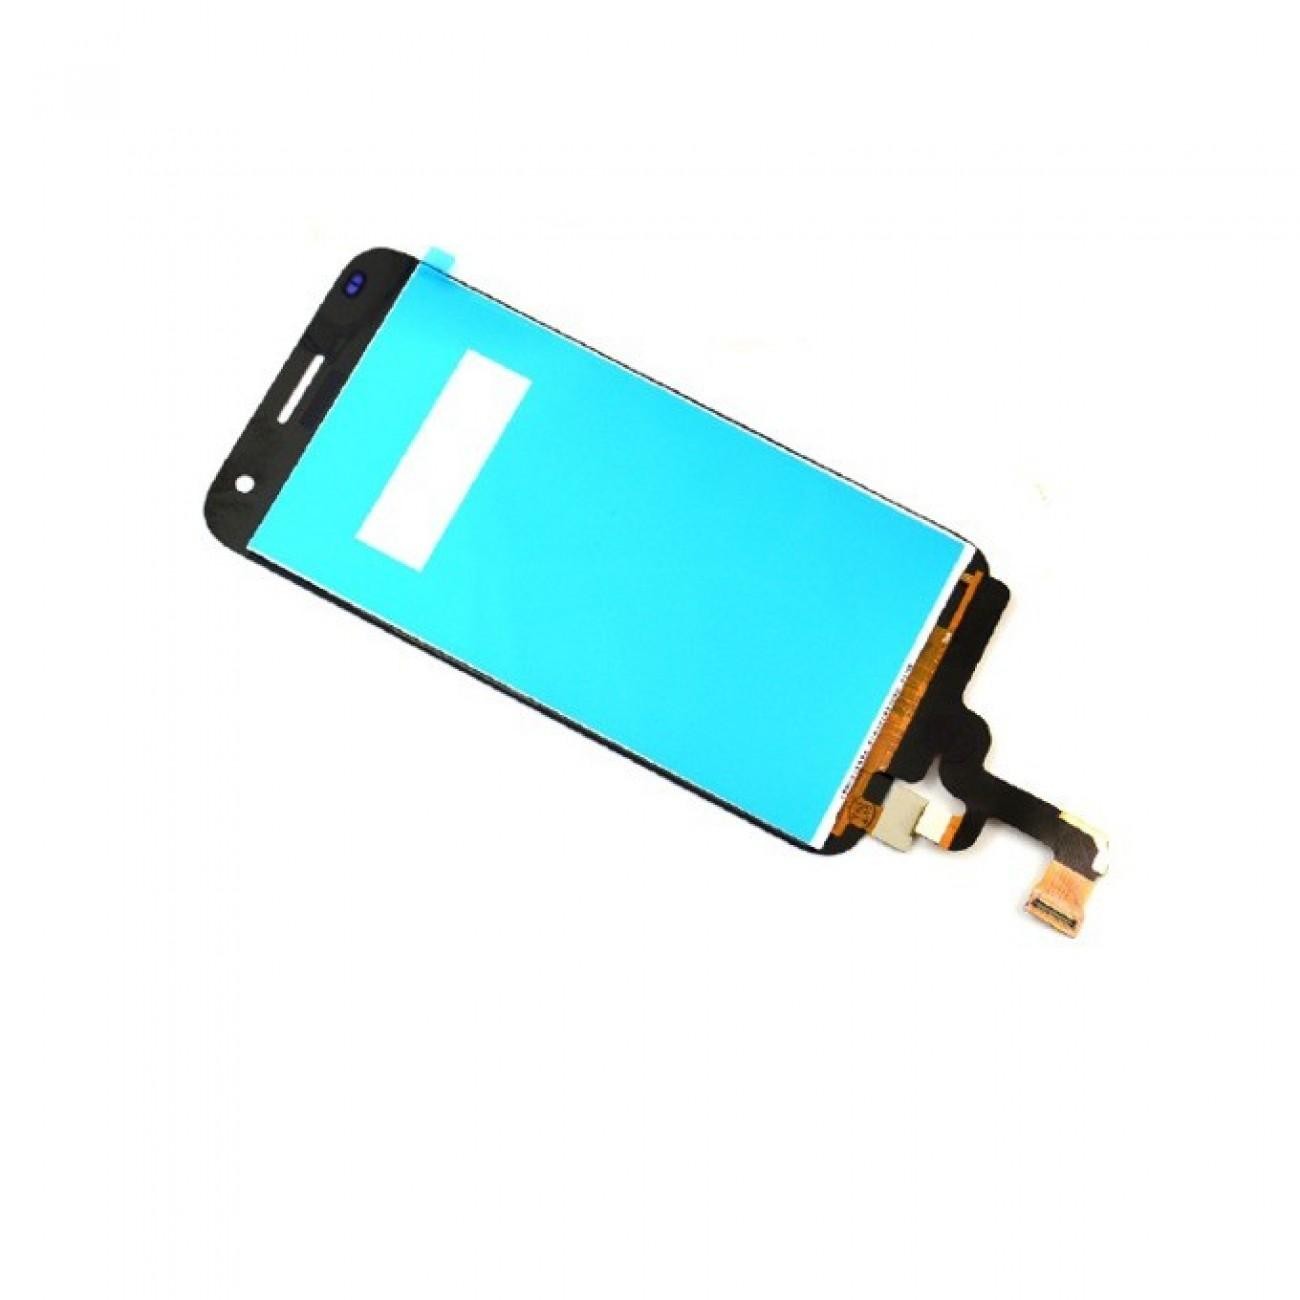 Дисплей зa Huawei Ascend G7, LCD, черен в Резервни части -  | Alleop